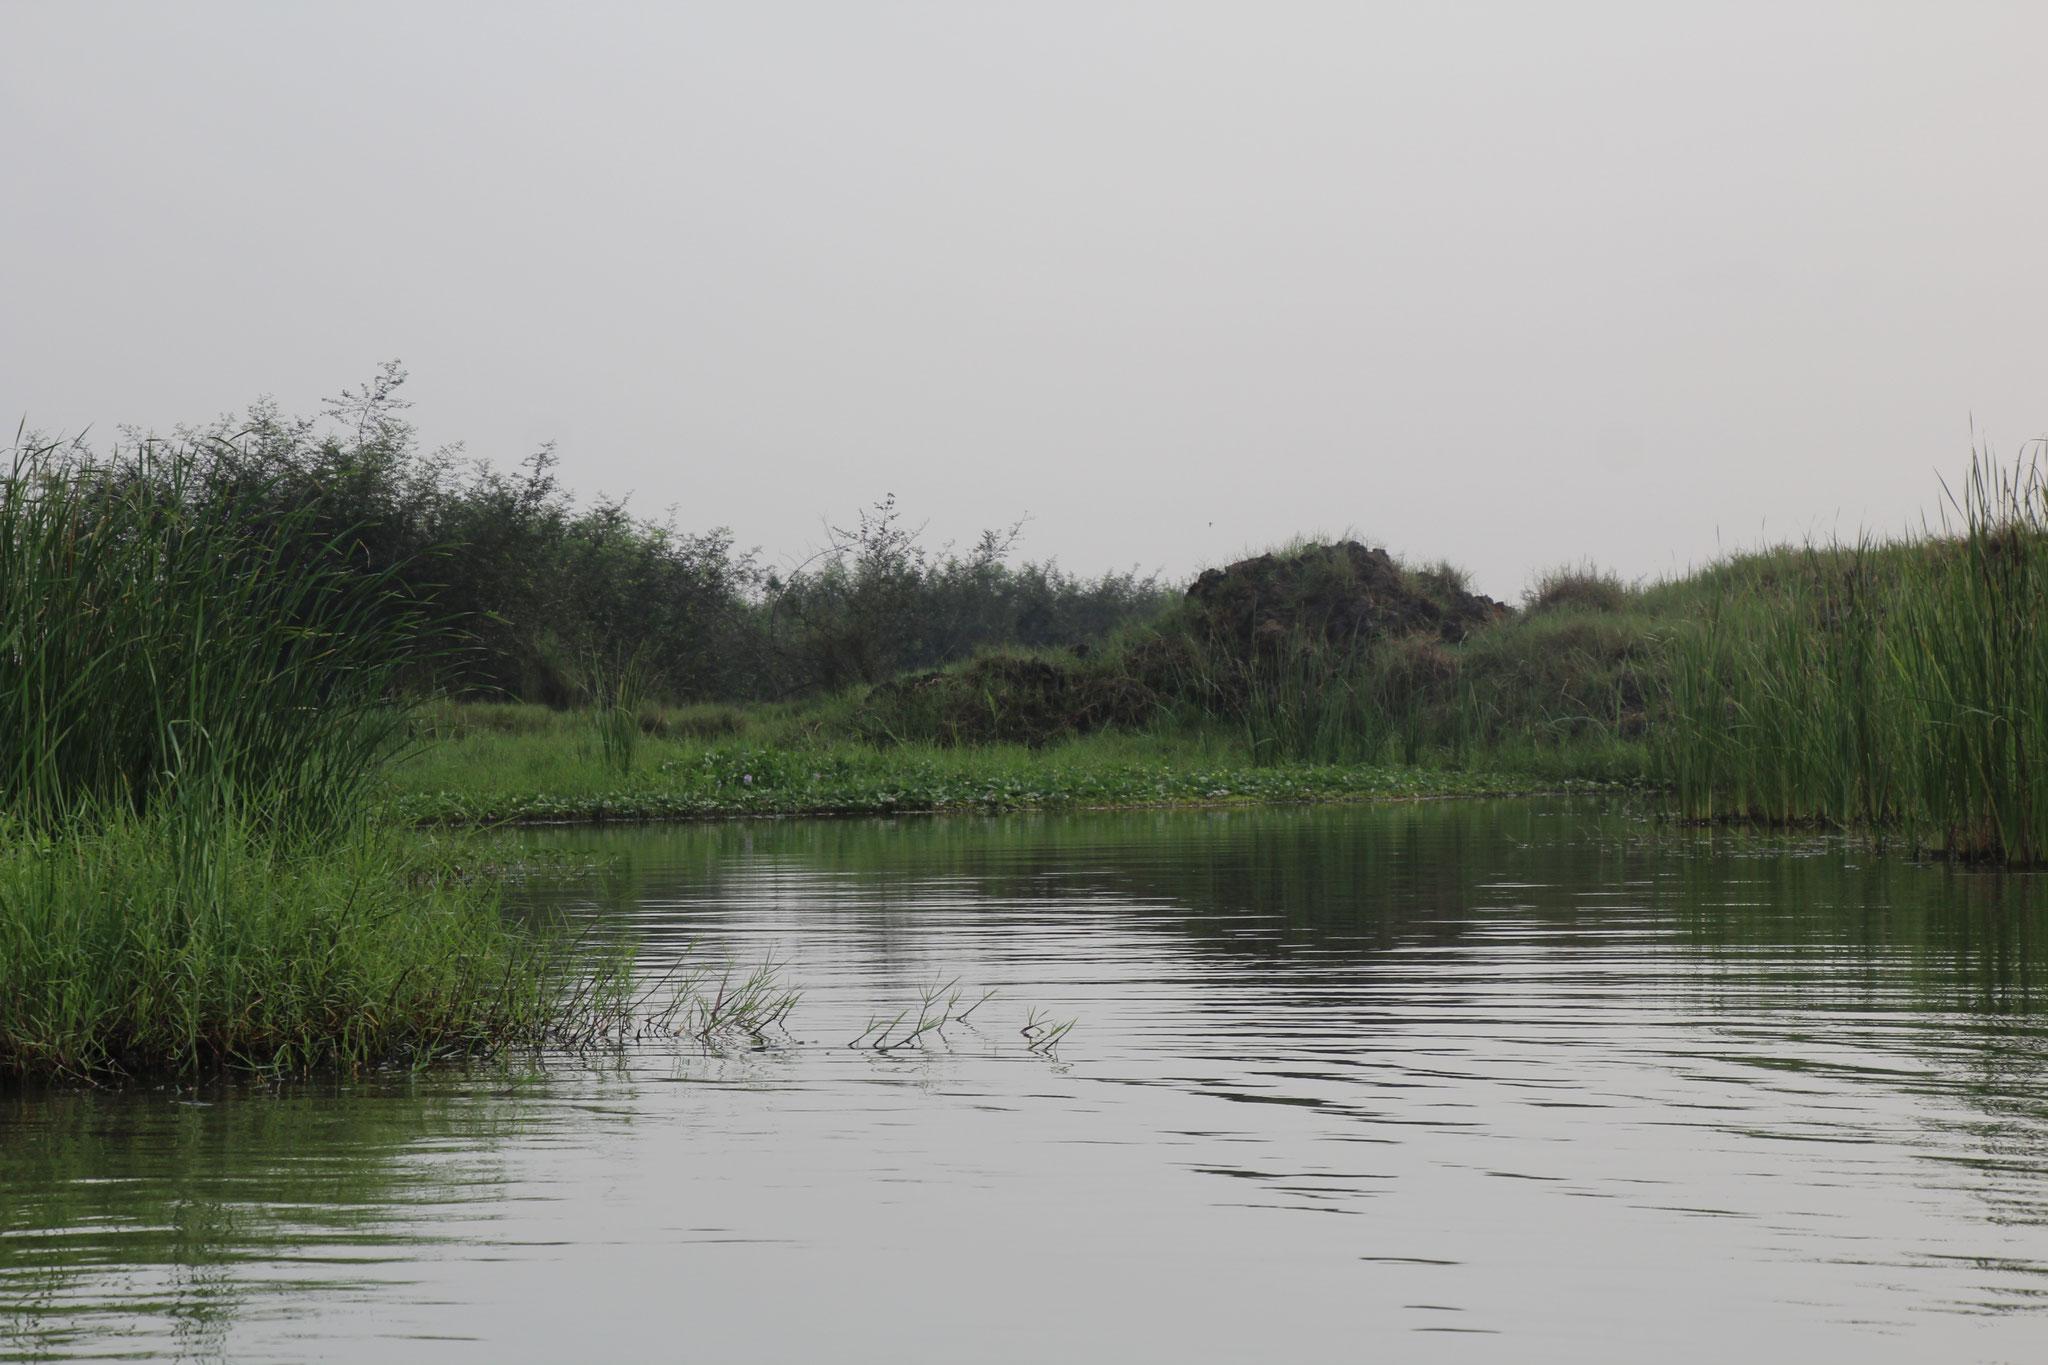 Der Übergang vom See zum Feuchtgebiet und Wald.